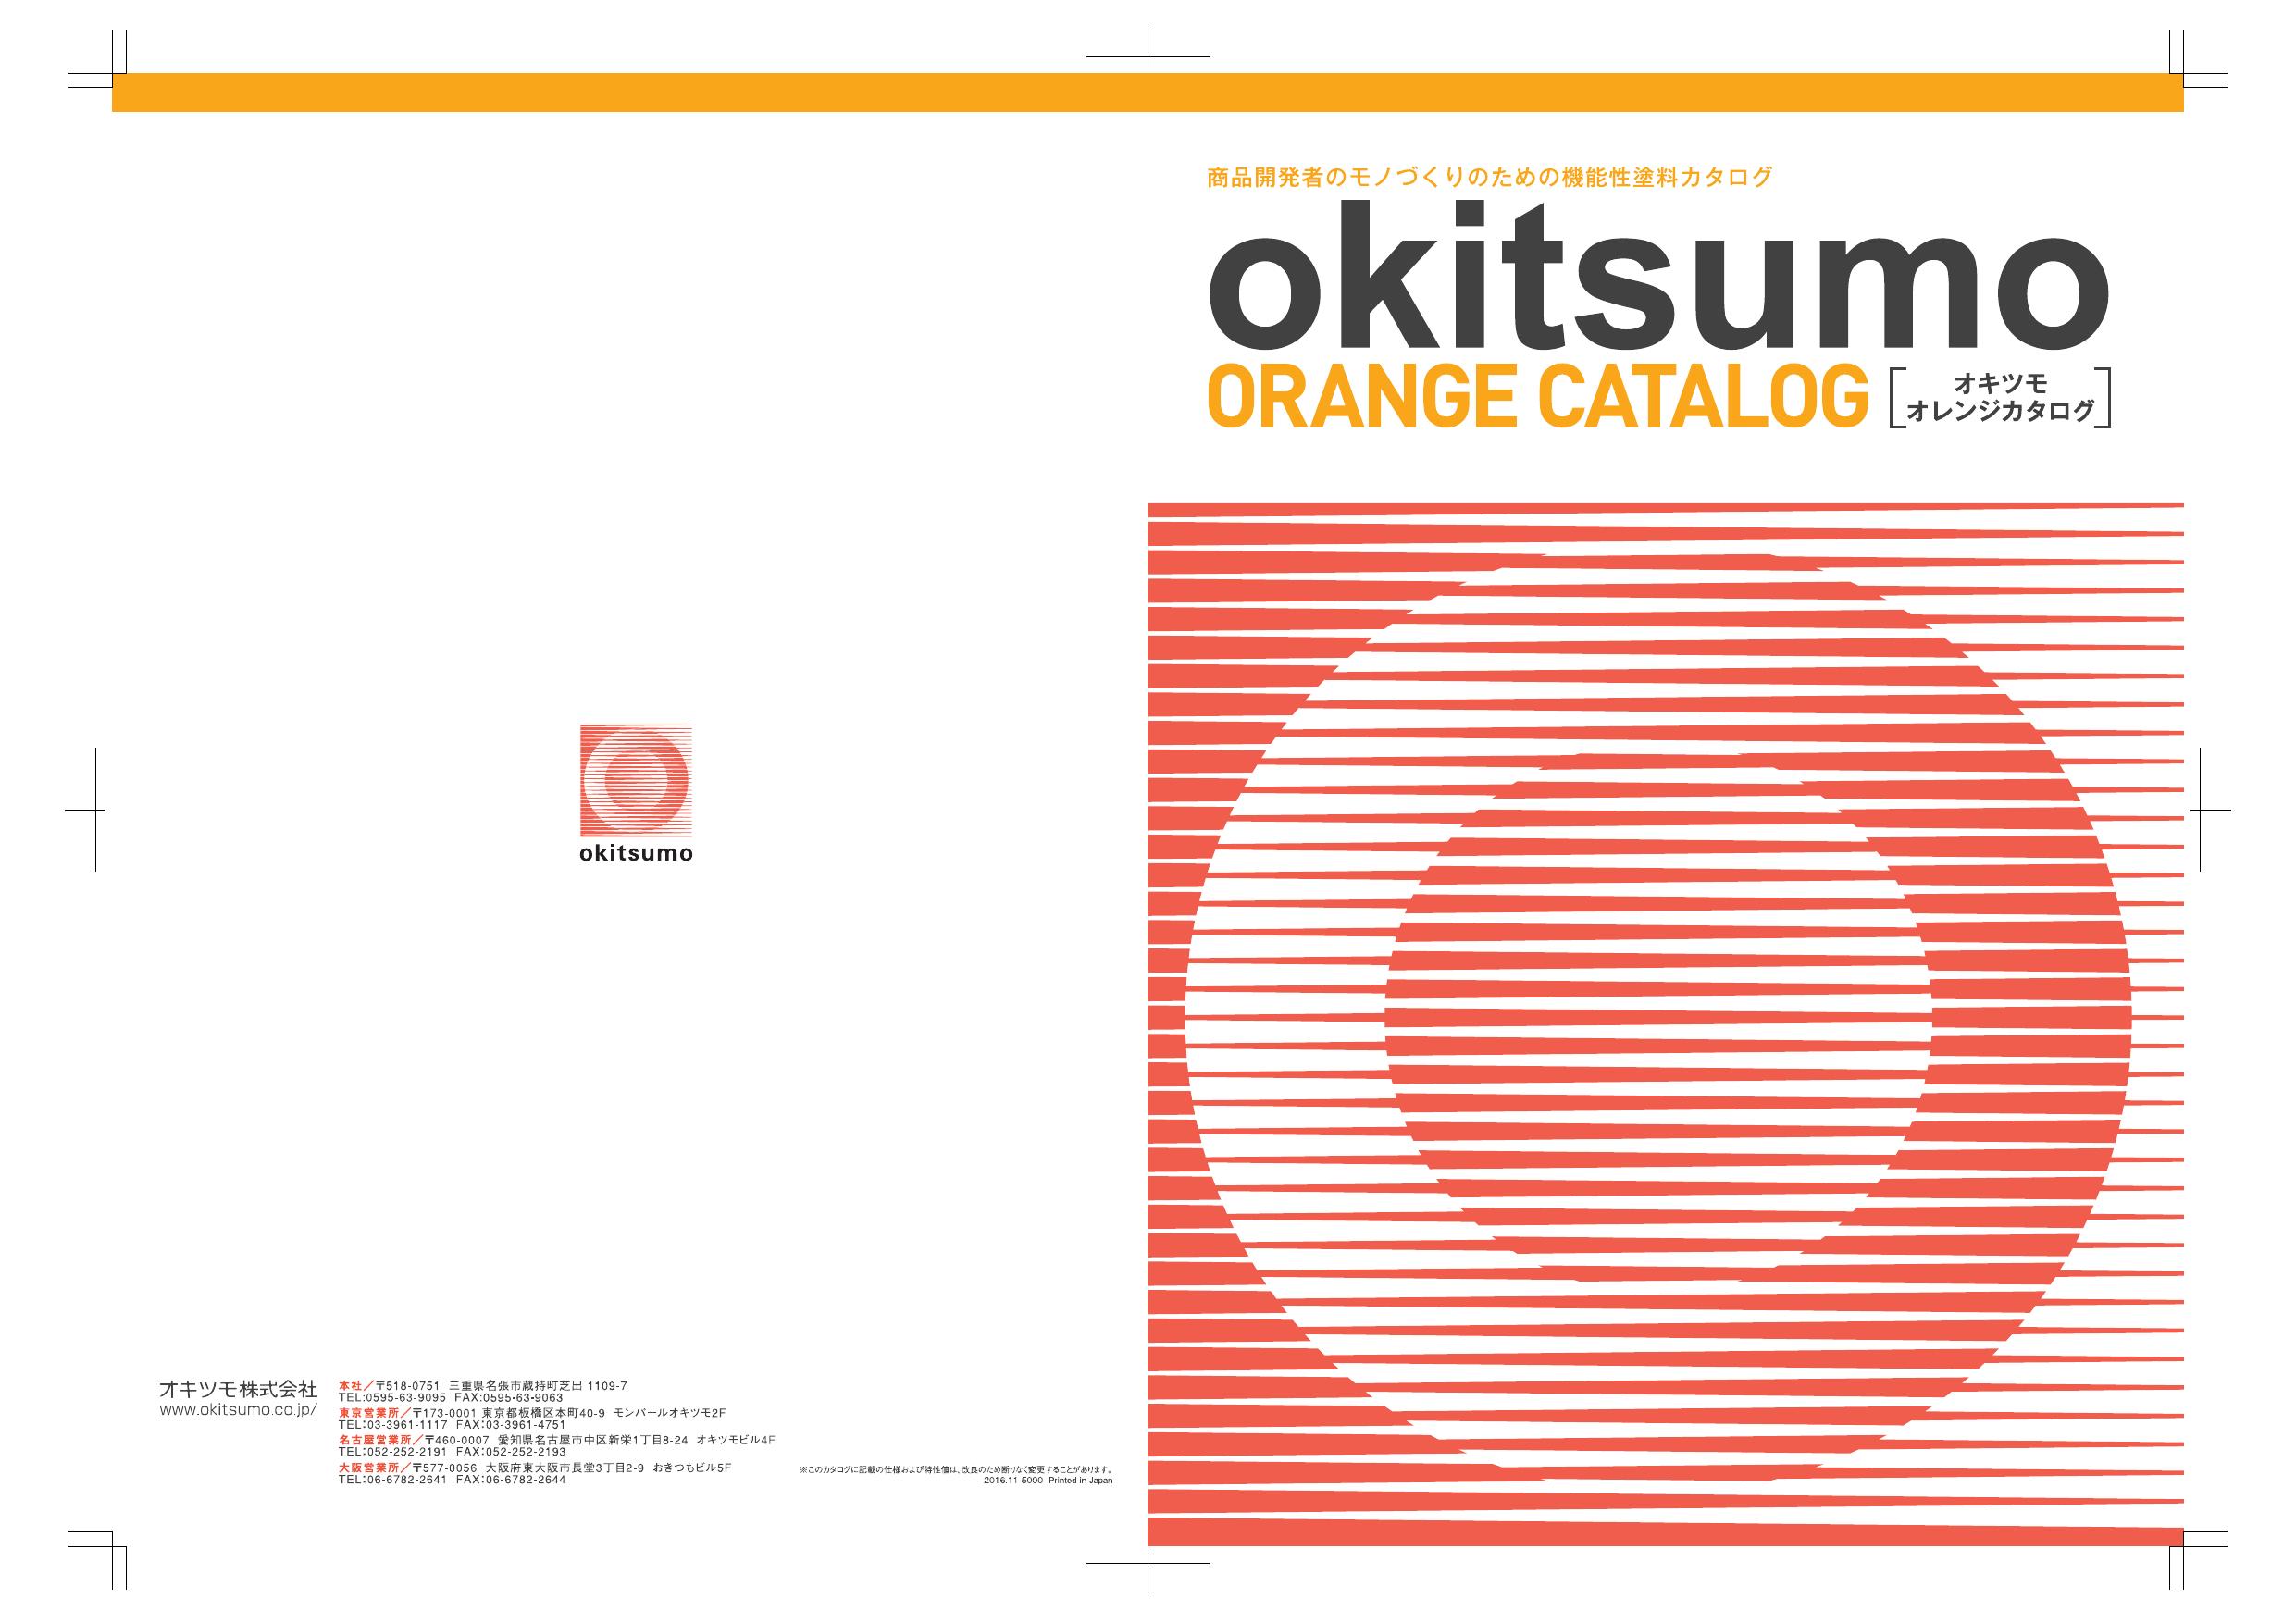 商品開発者のモノづくりのための機能性塗料カタログ オレンジ